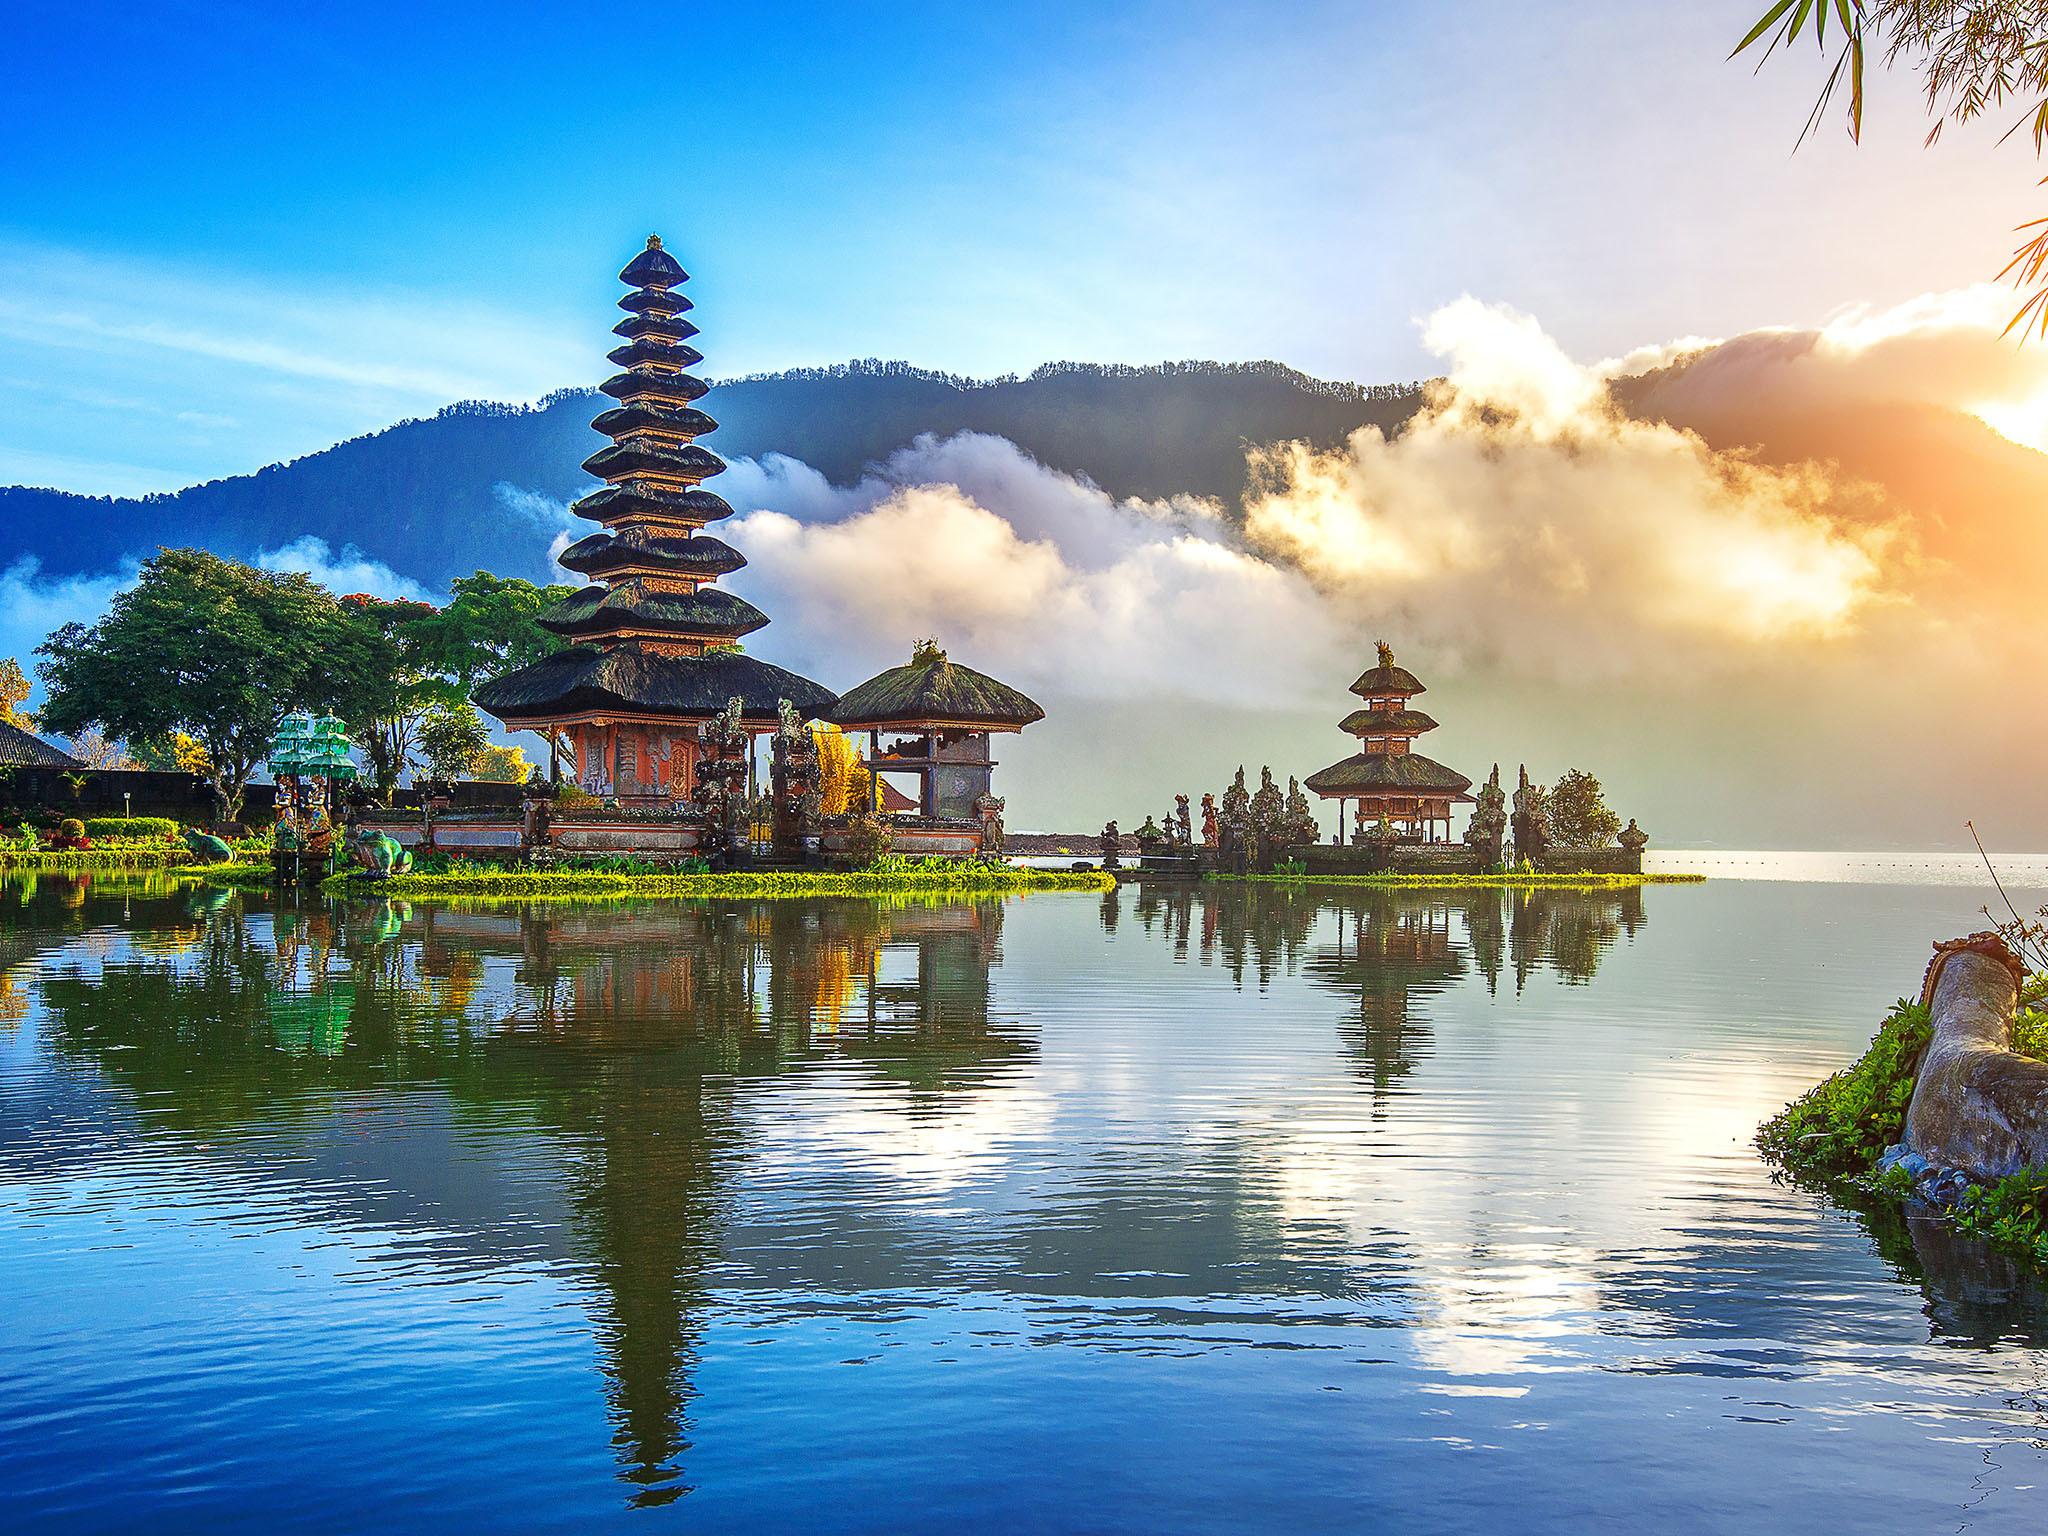 Bali View